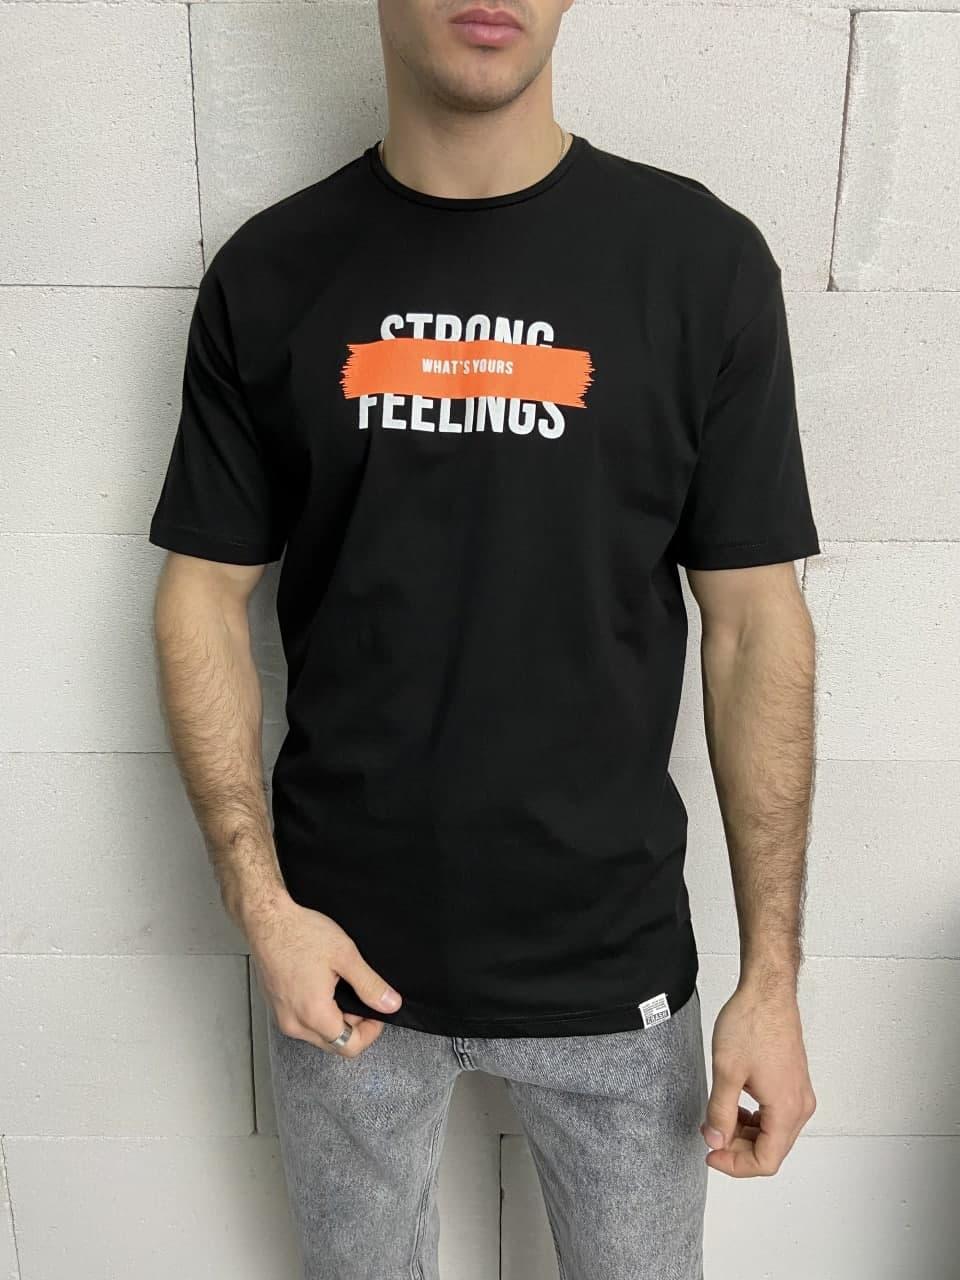 Чоловіча футболка чорна Strong Feelings